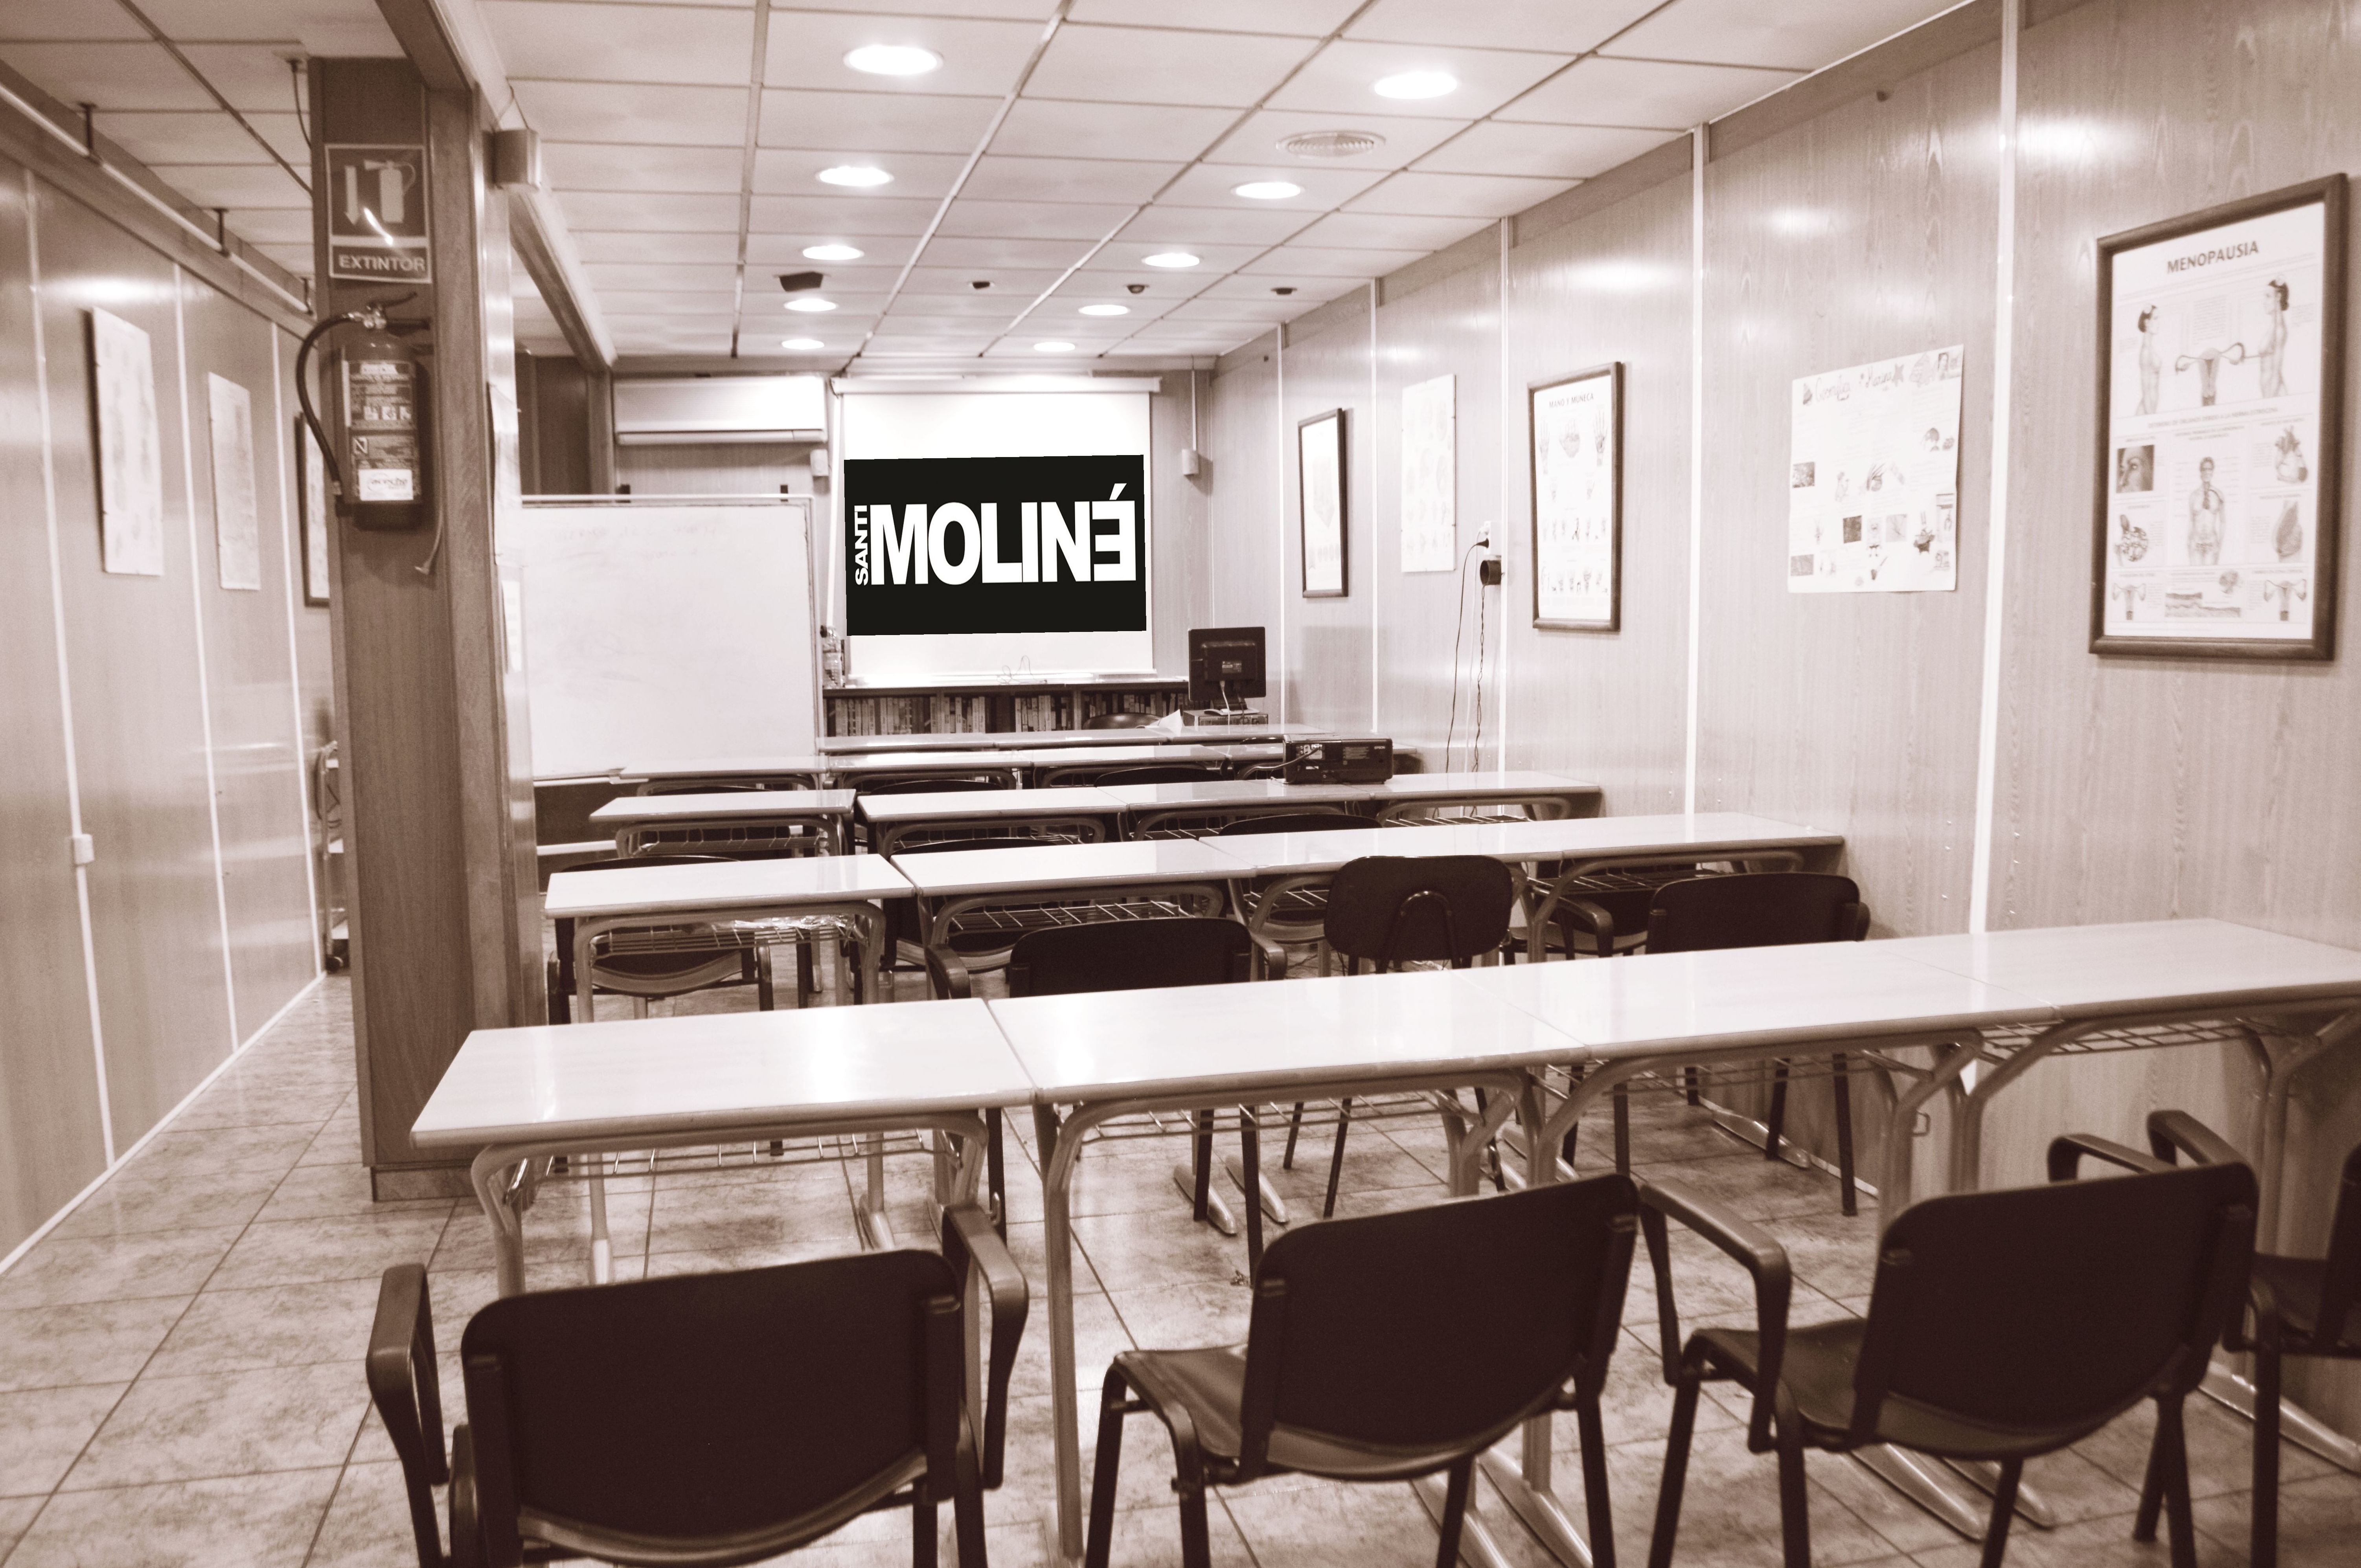 Foto 1 de Academia de peluquería y estética en Albacete | Centro de Formación de Peluquería y Estética Virgen de los Llanos Moliné